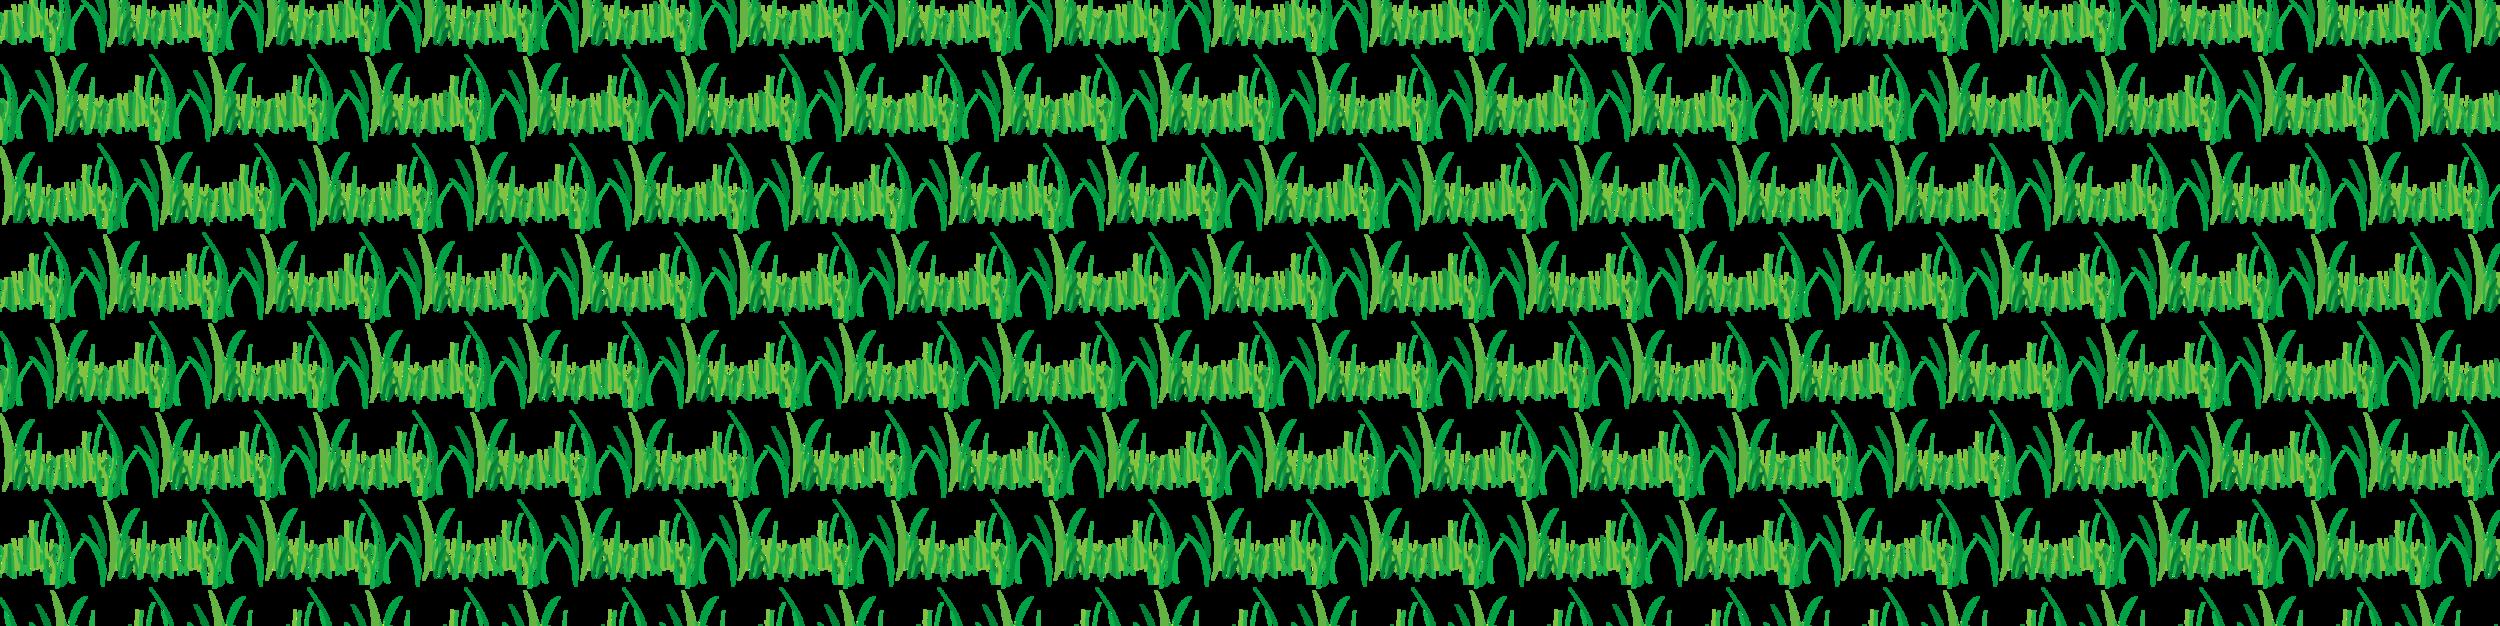 grass_patterns